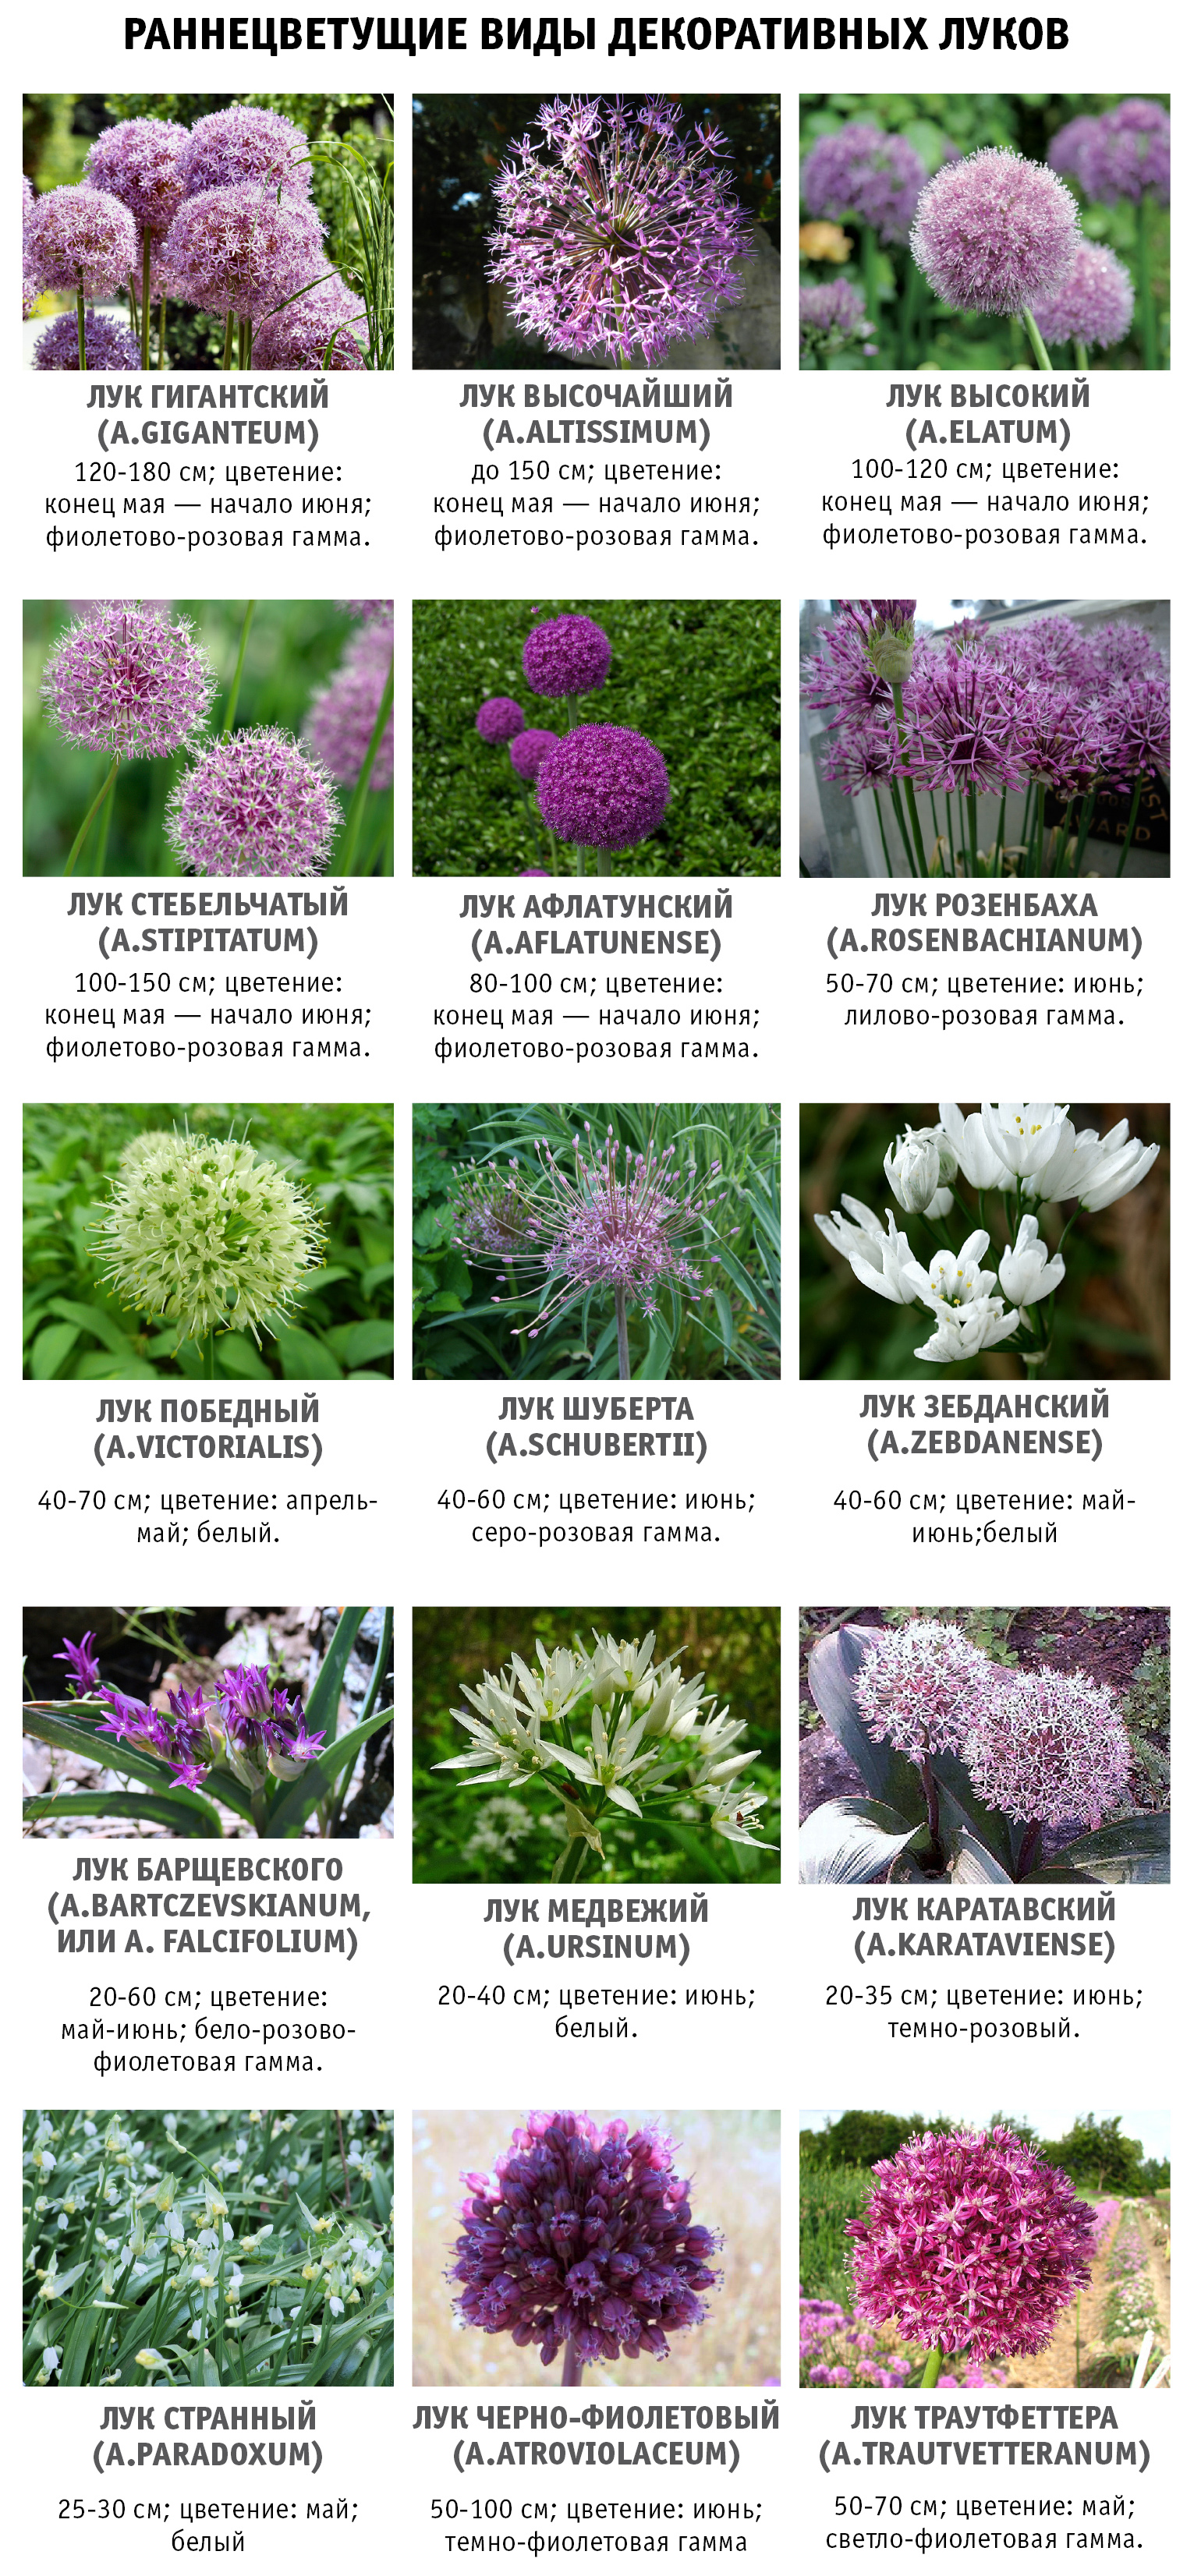 сроки цветения декоративных луковичных